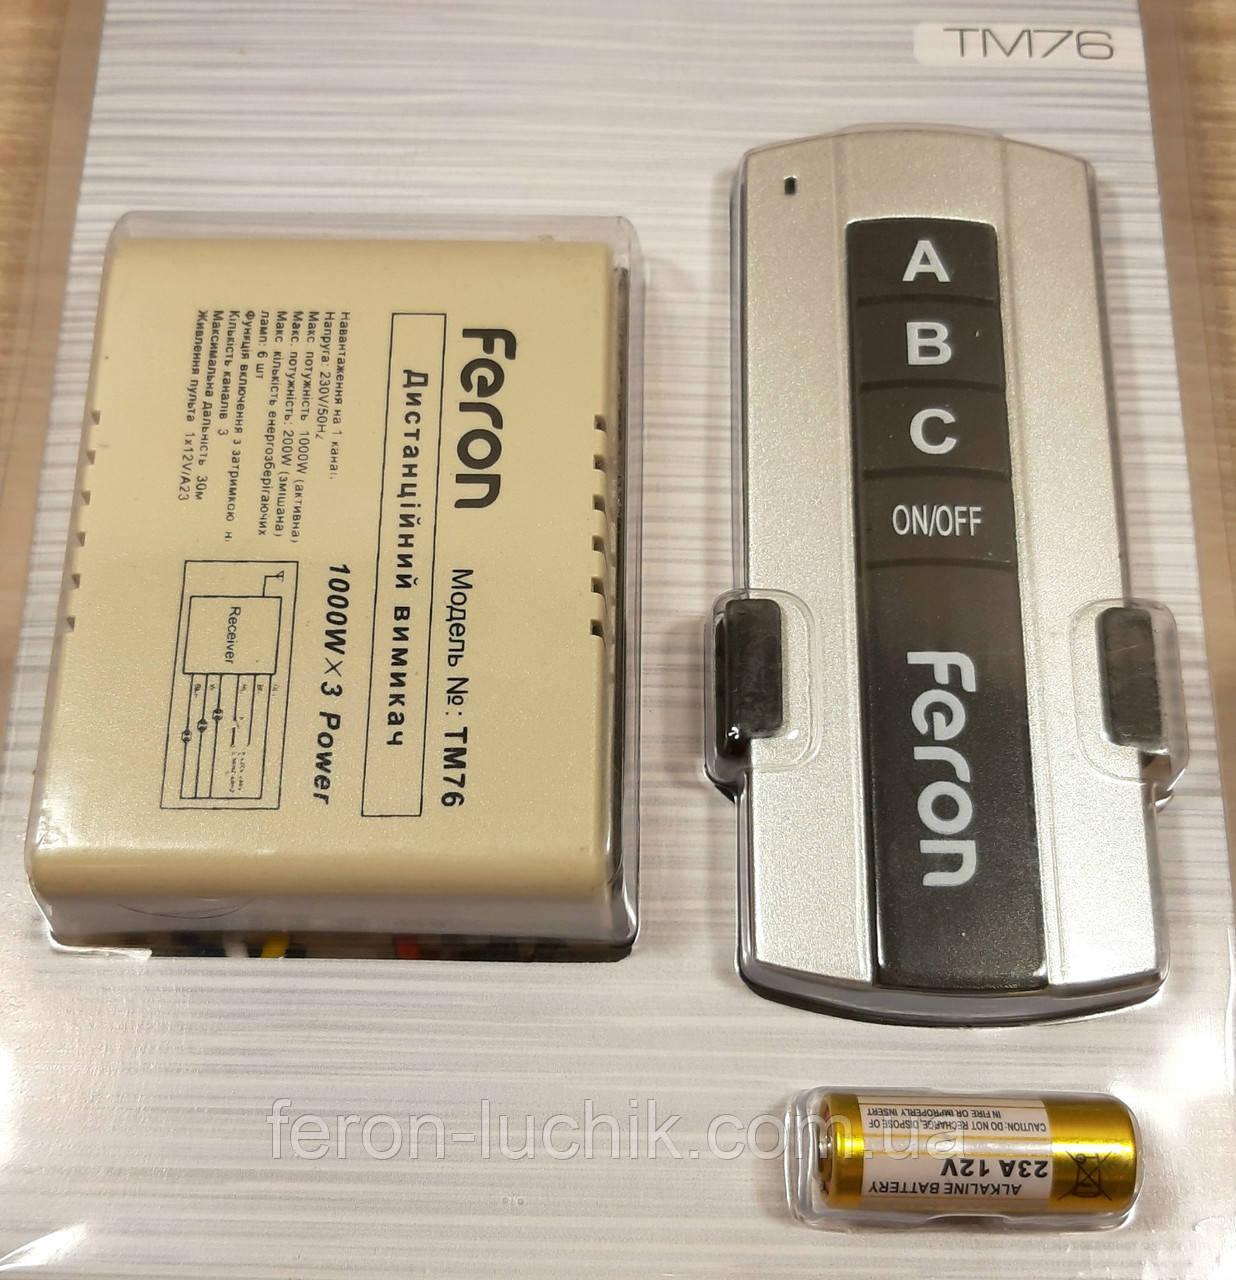 Дистанционный выключатель света Feron ТМ76 (3х канальный)